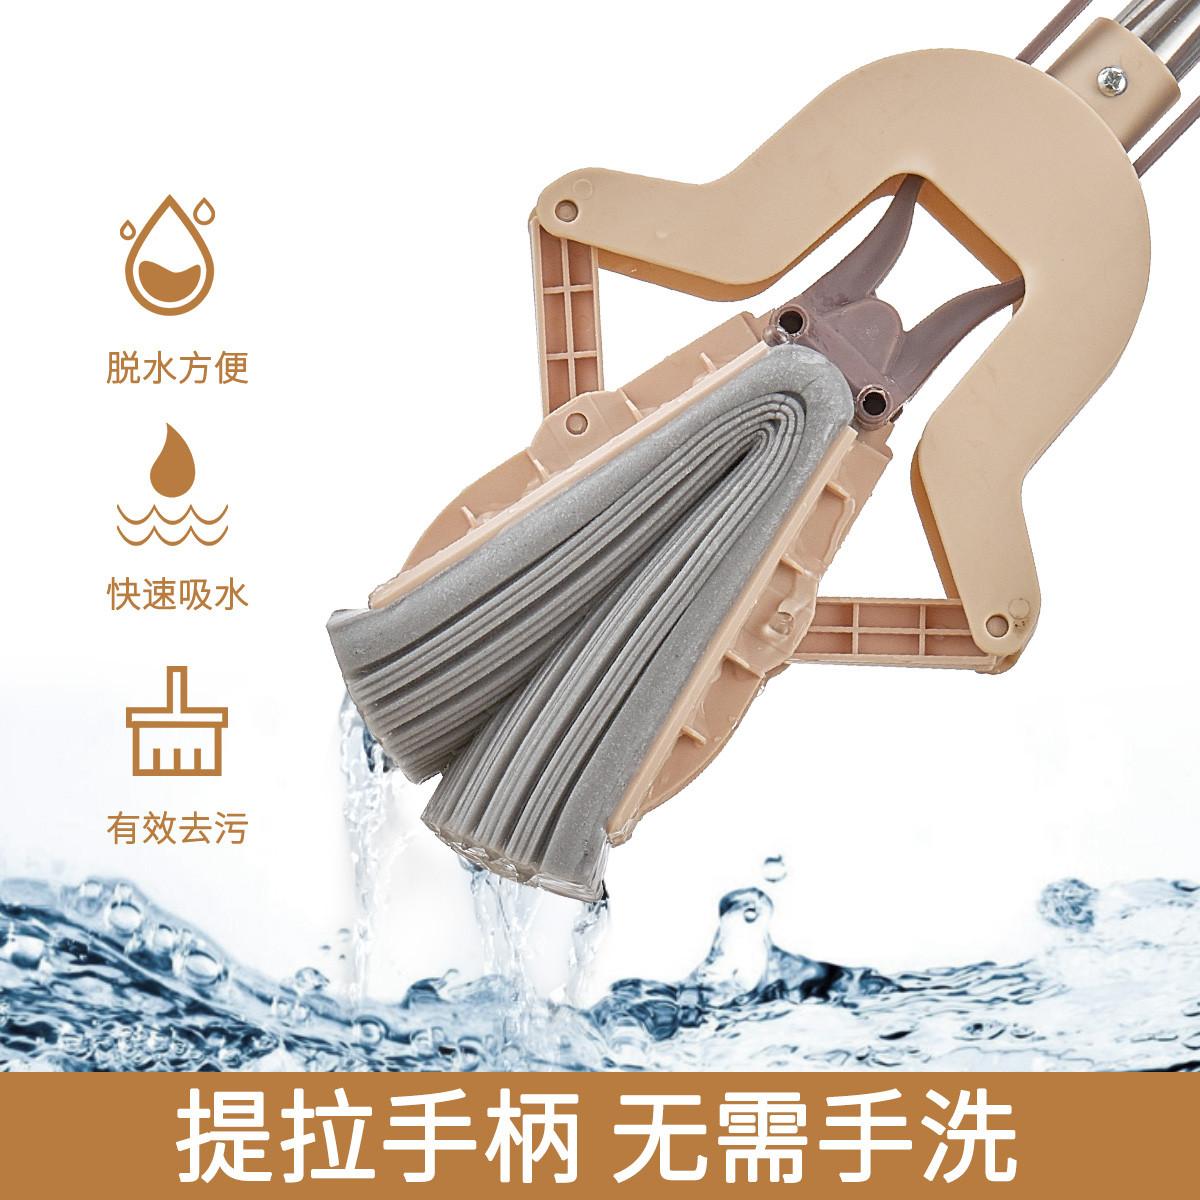 家用免手洗胶棉折叠拖把吸水海绵头加长对折式拖把